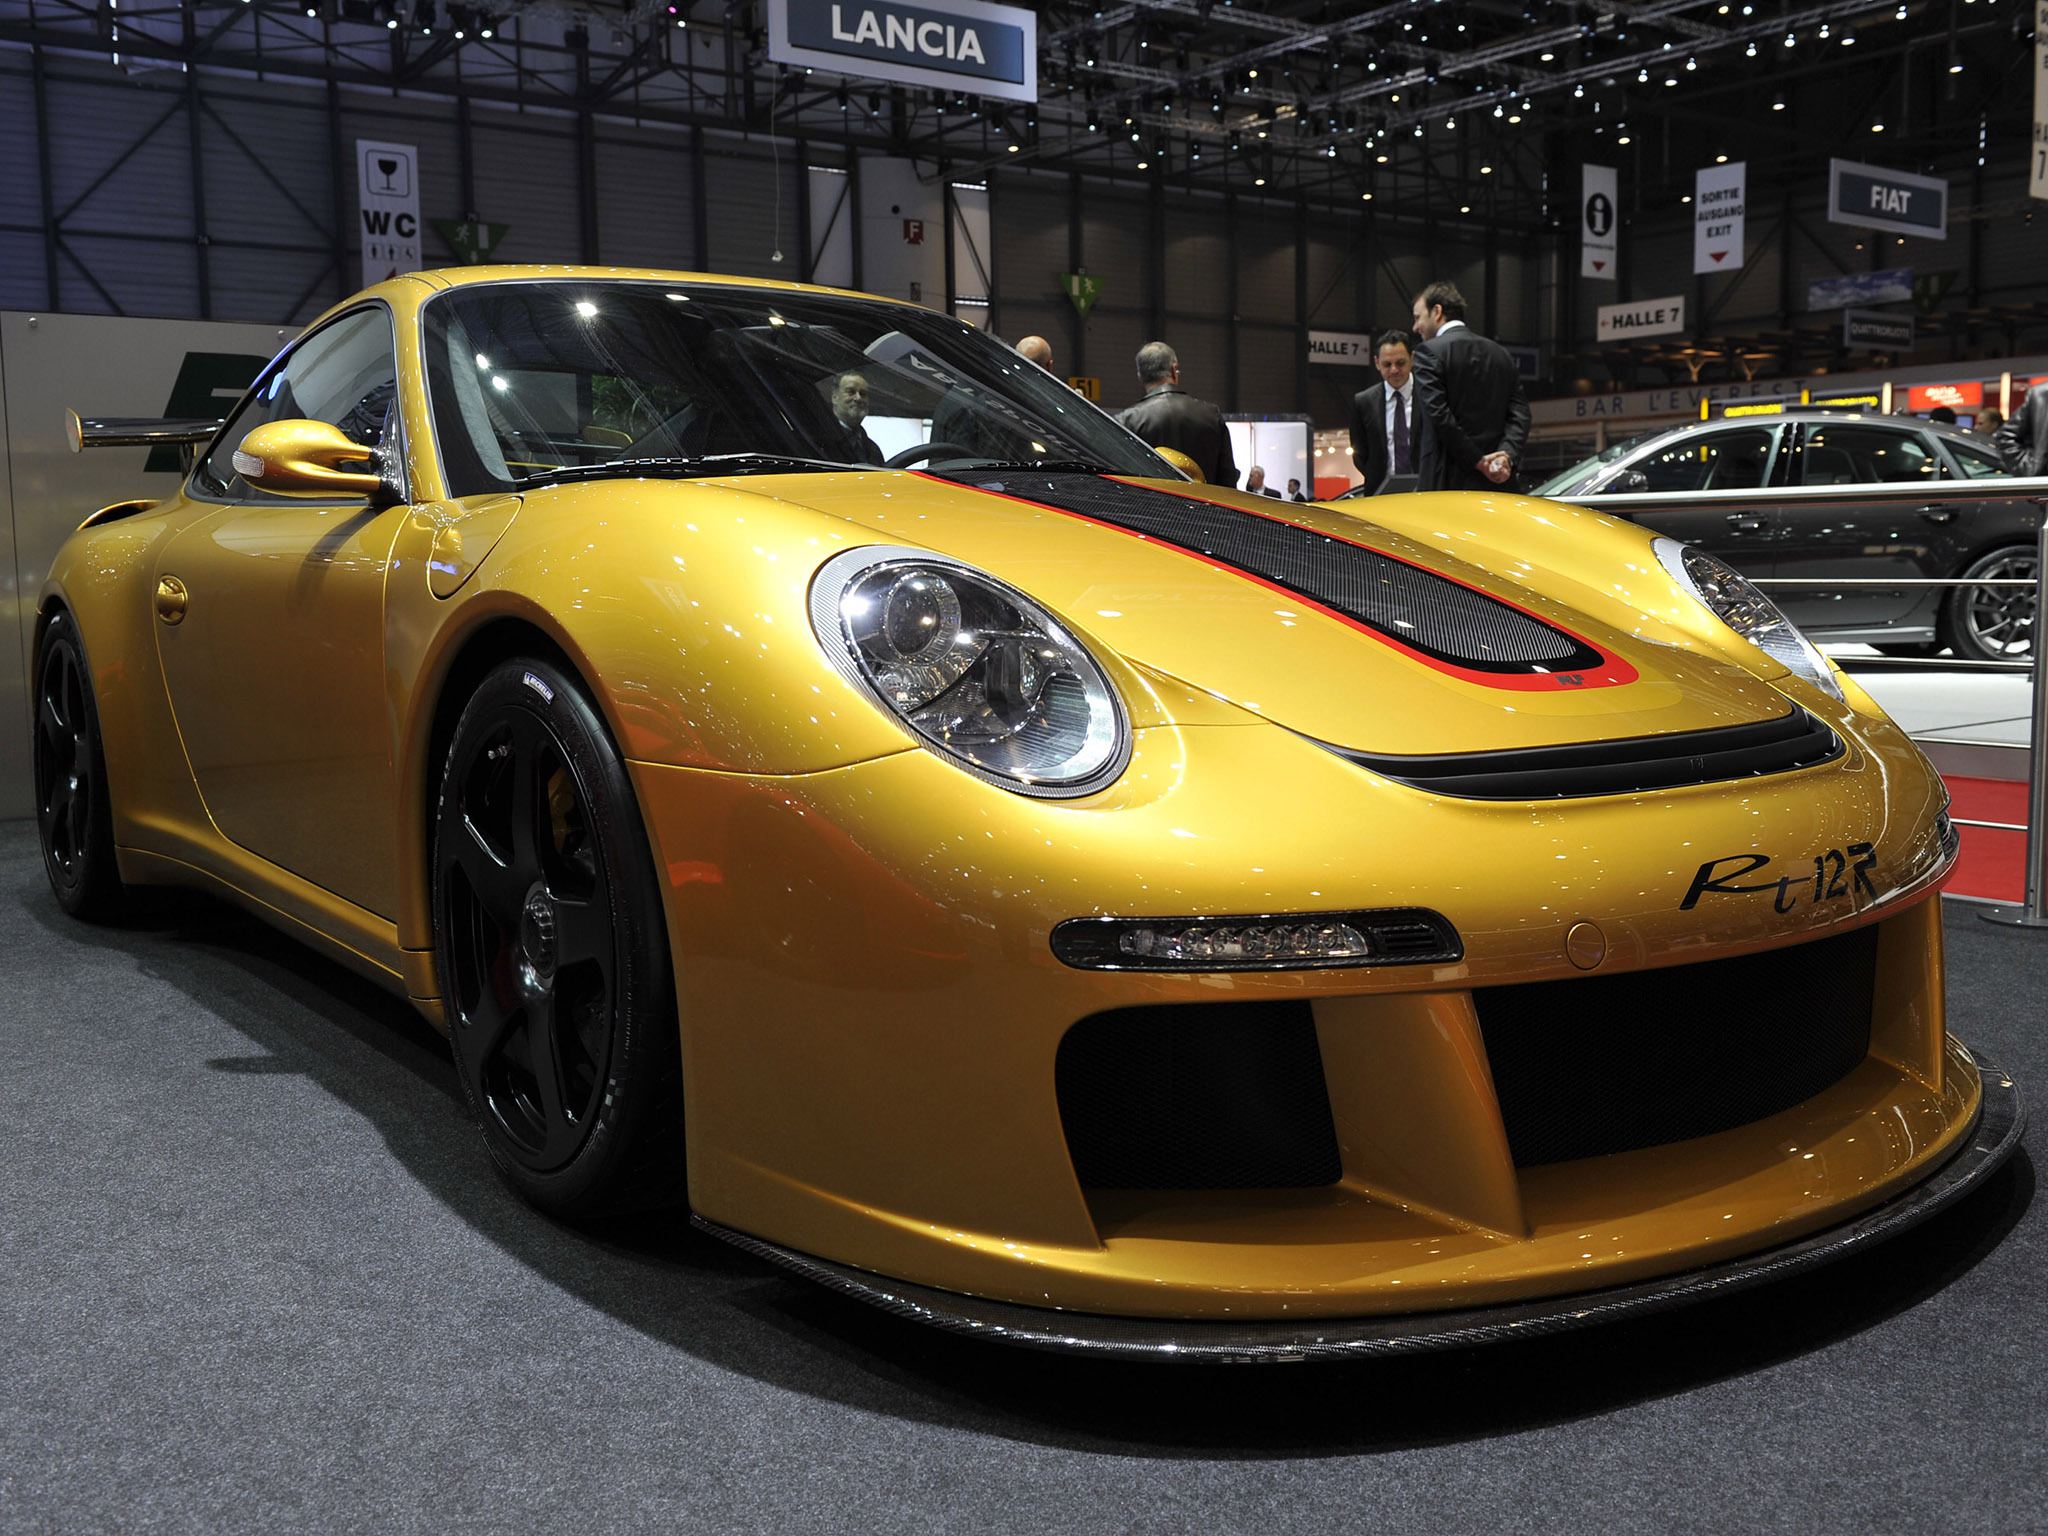 20908 скачать обои Транспорт, Машины, Порш (Porsche) - заставки и картинки бесплатно